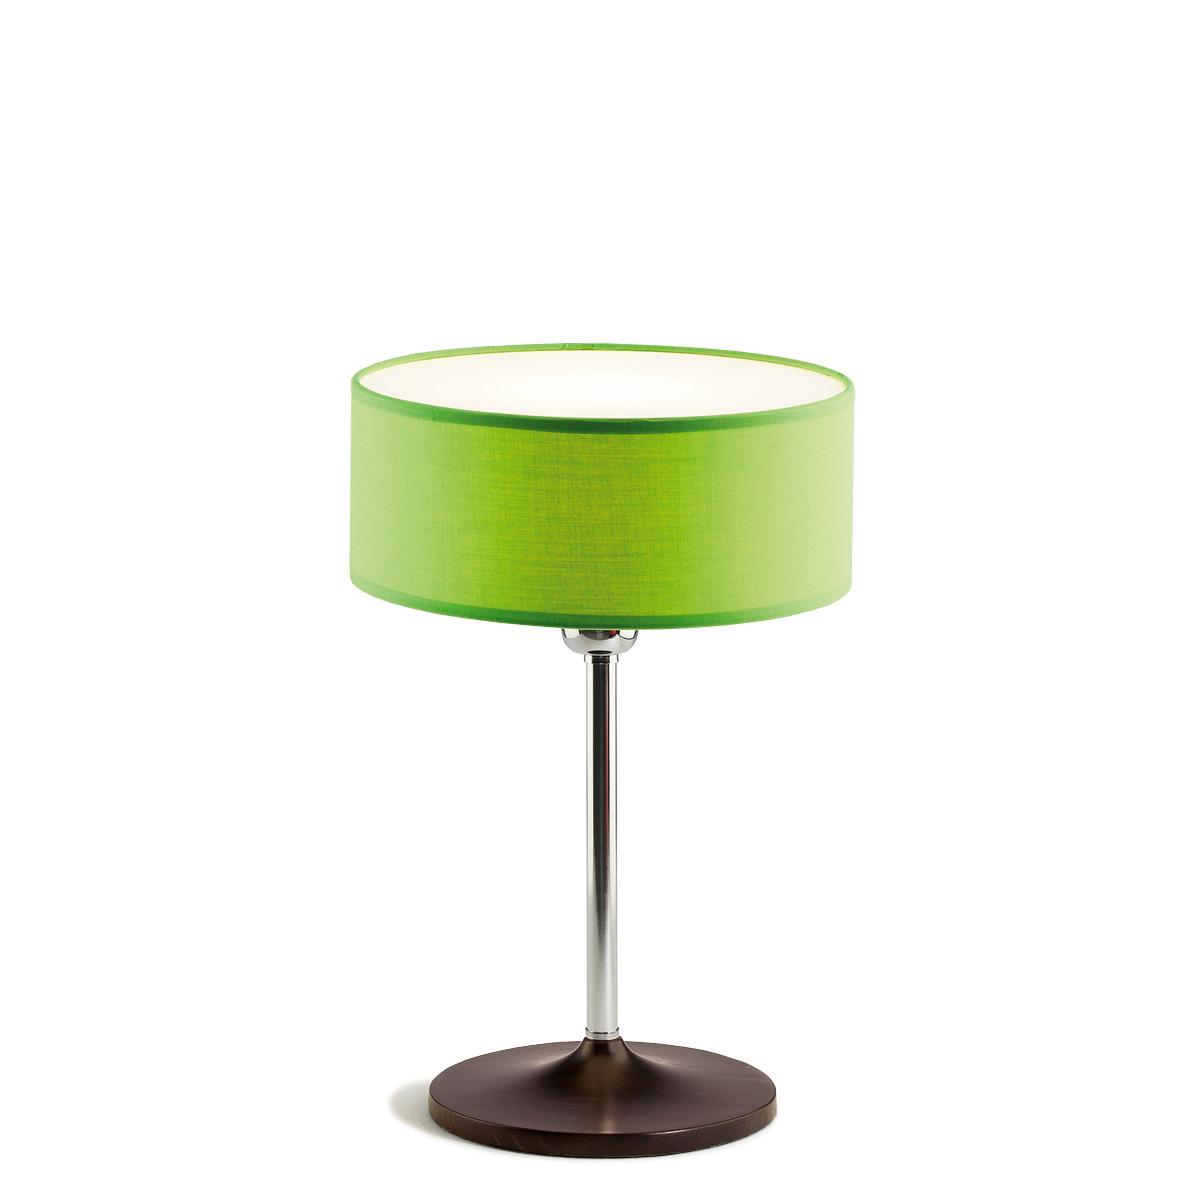 Επιτραπέζιο φωτιστικό με πράσινο καπέλο DISCO ZEN table lamp with green shade